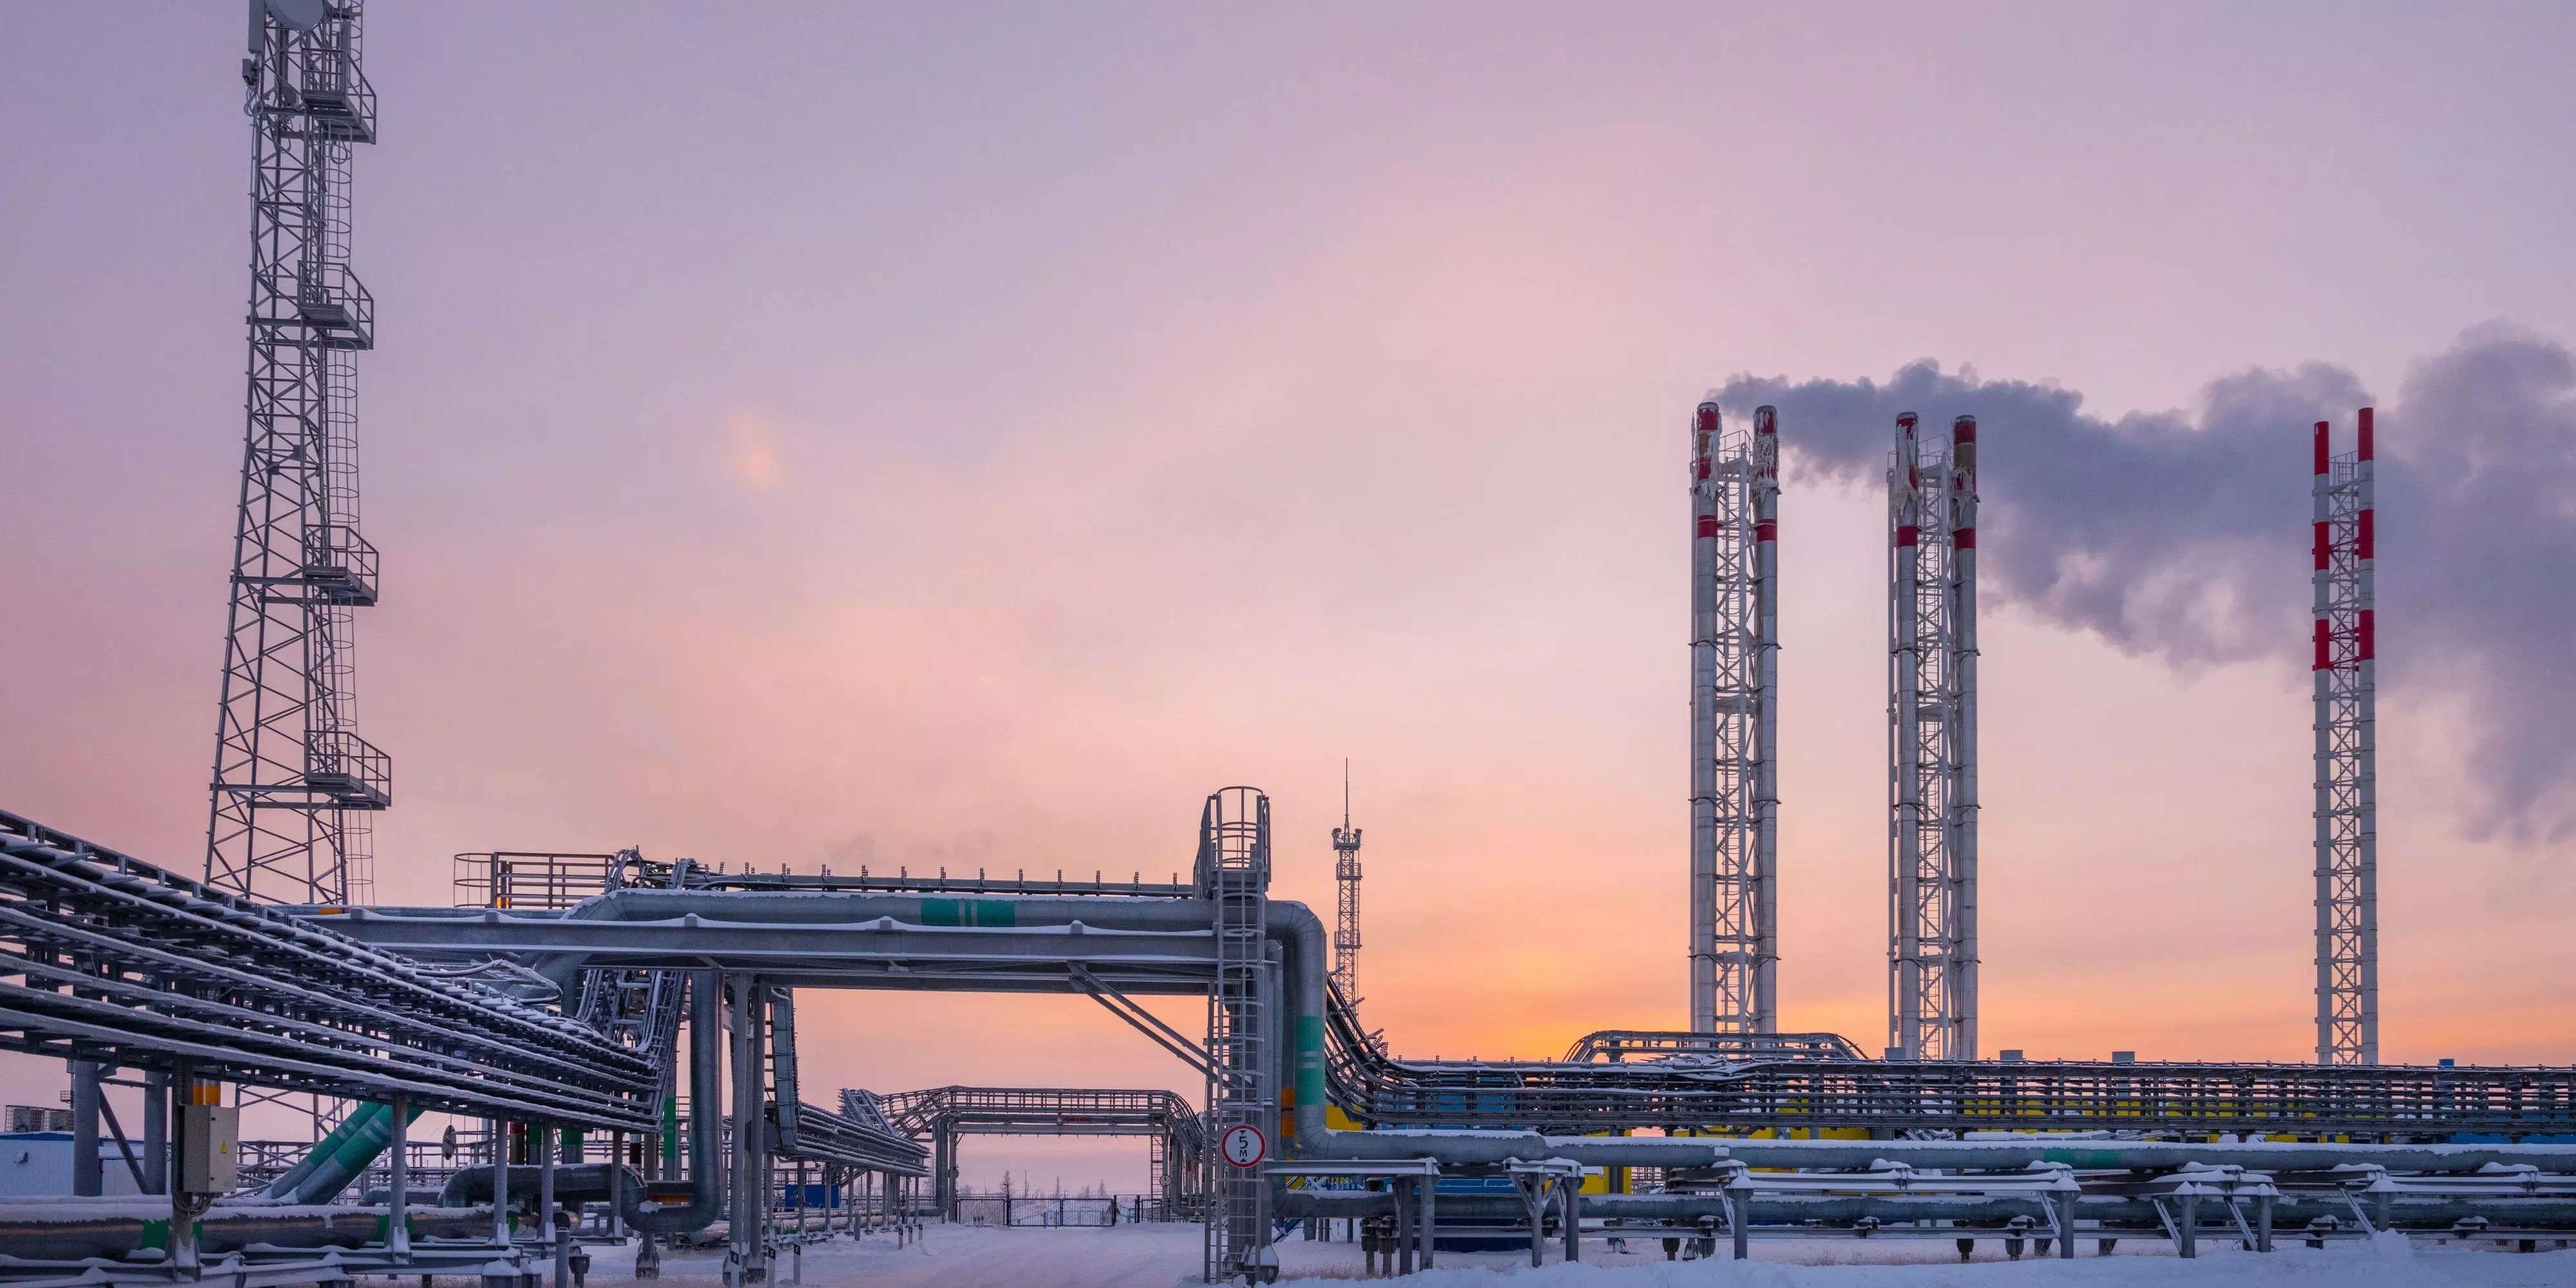 चीन के प्रतिबंध के बाद प्रवास की लहर के बीच रूस क्रिप्टो खनन के लिए ऊर्जा शुल्क पर विचार कर रहा है, रिपोर्ट कहती है